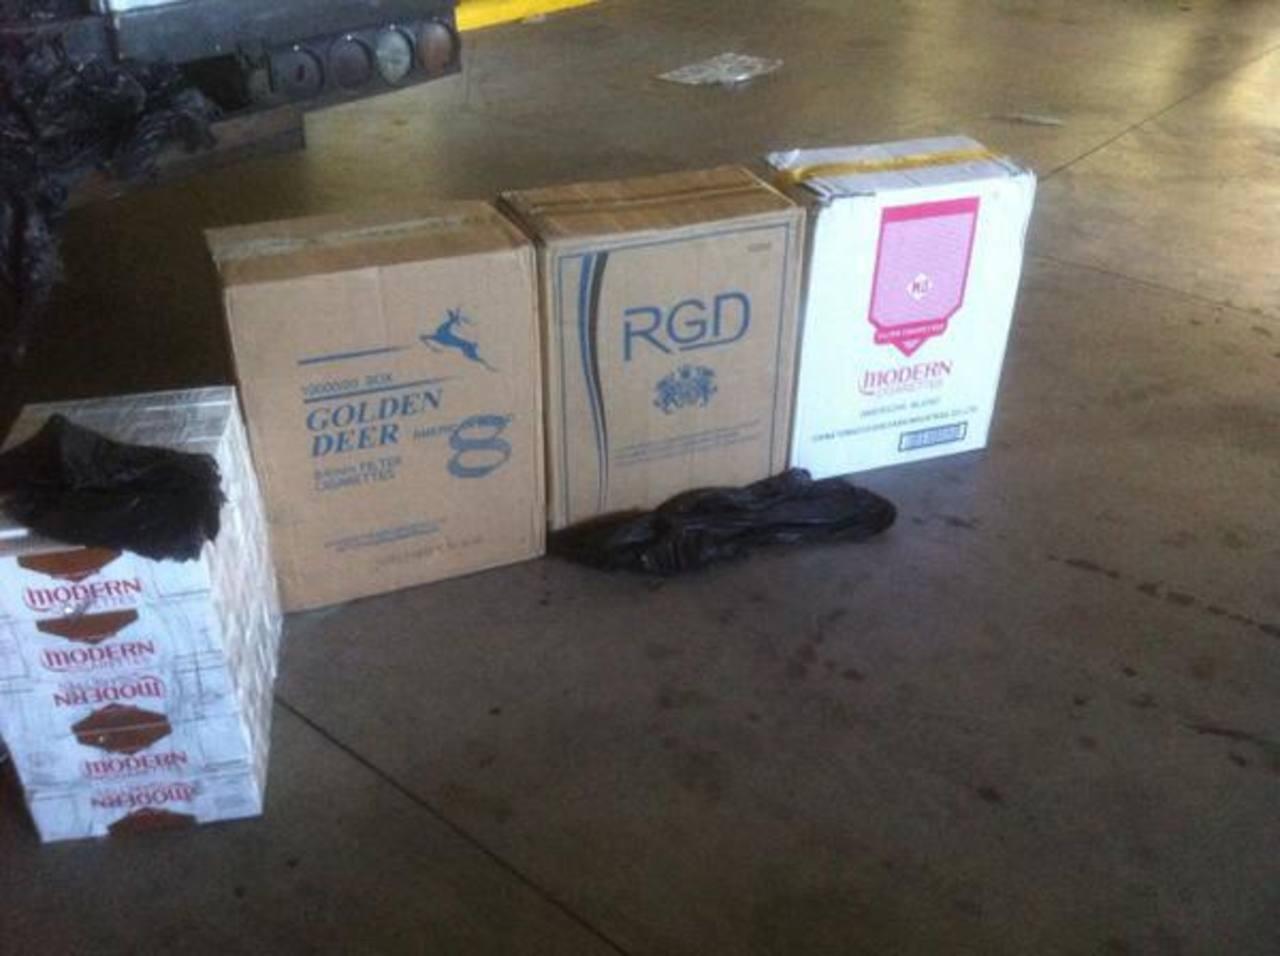 El propietario evitó que la Policía de su país le decomisara los cigarros, pero no se libró de la PNC salvadoreña. Foto EDH